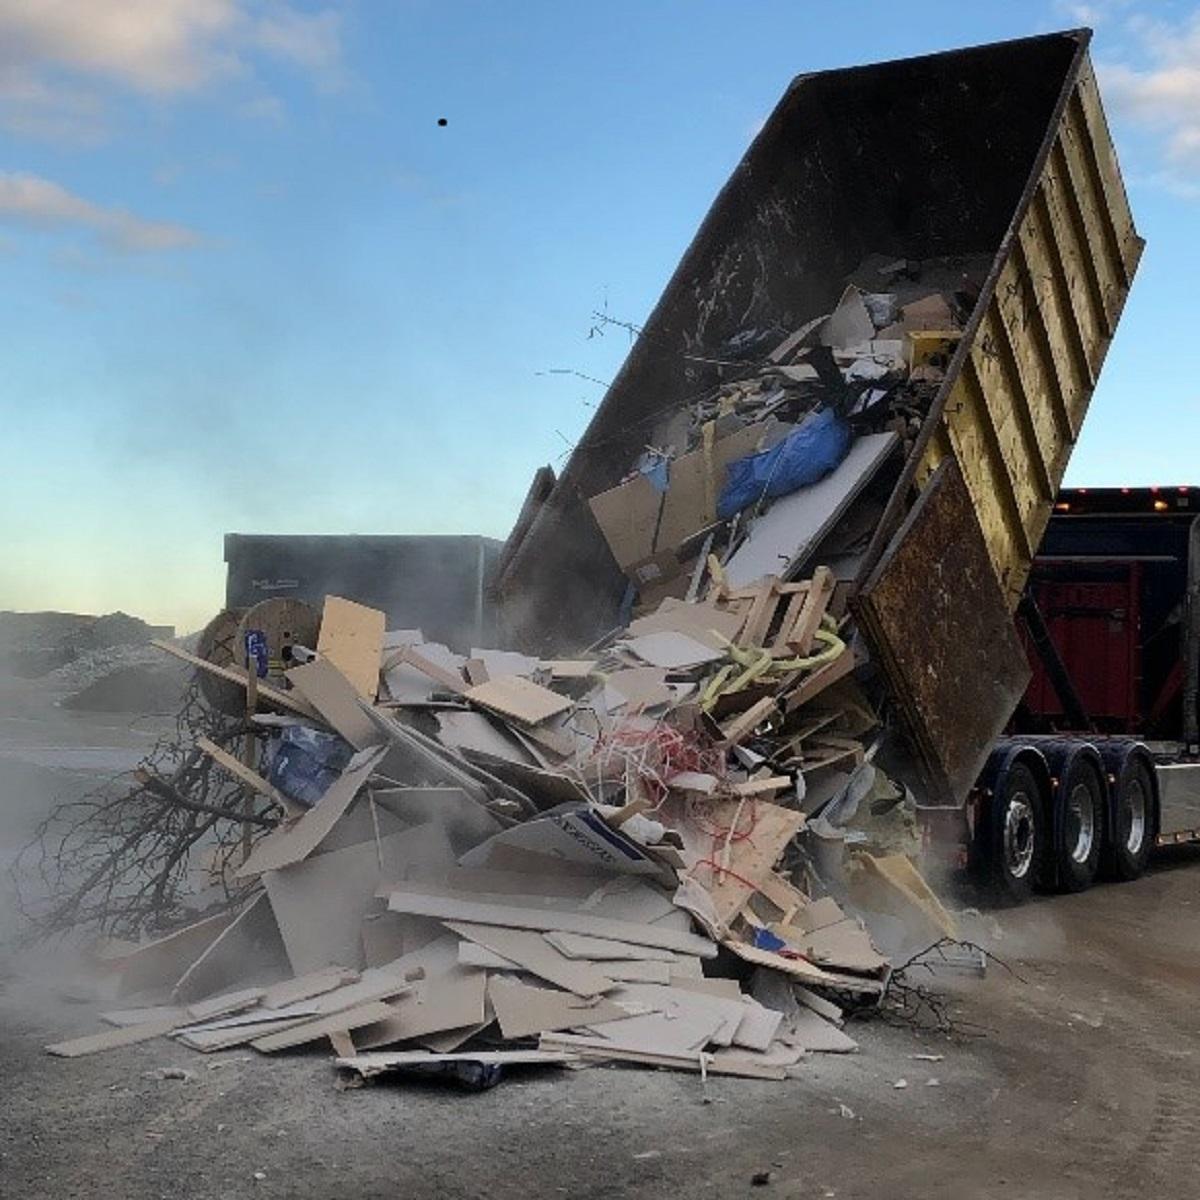 Bygg- och rivningsavfall är en av de största avfallsströmmarna i Europa och uppskattas till omkring 800 miljoner ton per år inom EU (Europeiska kommissionen, 2019). Projektets ambitioner har varit att öka kunskapen kring sammansättningen av brännbart bygg- respektive rivningsavfall och att ta fram rekommendationer till åtgärder för att säkerställa att det avfall som går till energiåtervinning bara består av sådant som inte kan återvinnas effektivare på annat sätt.